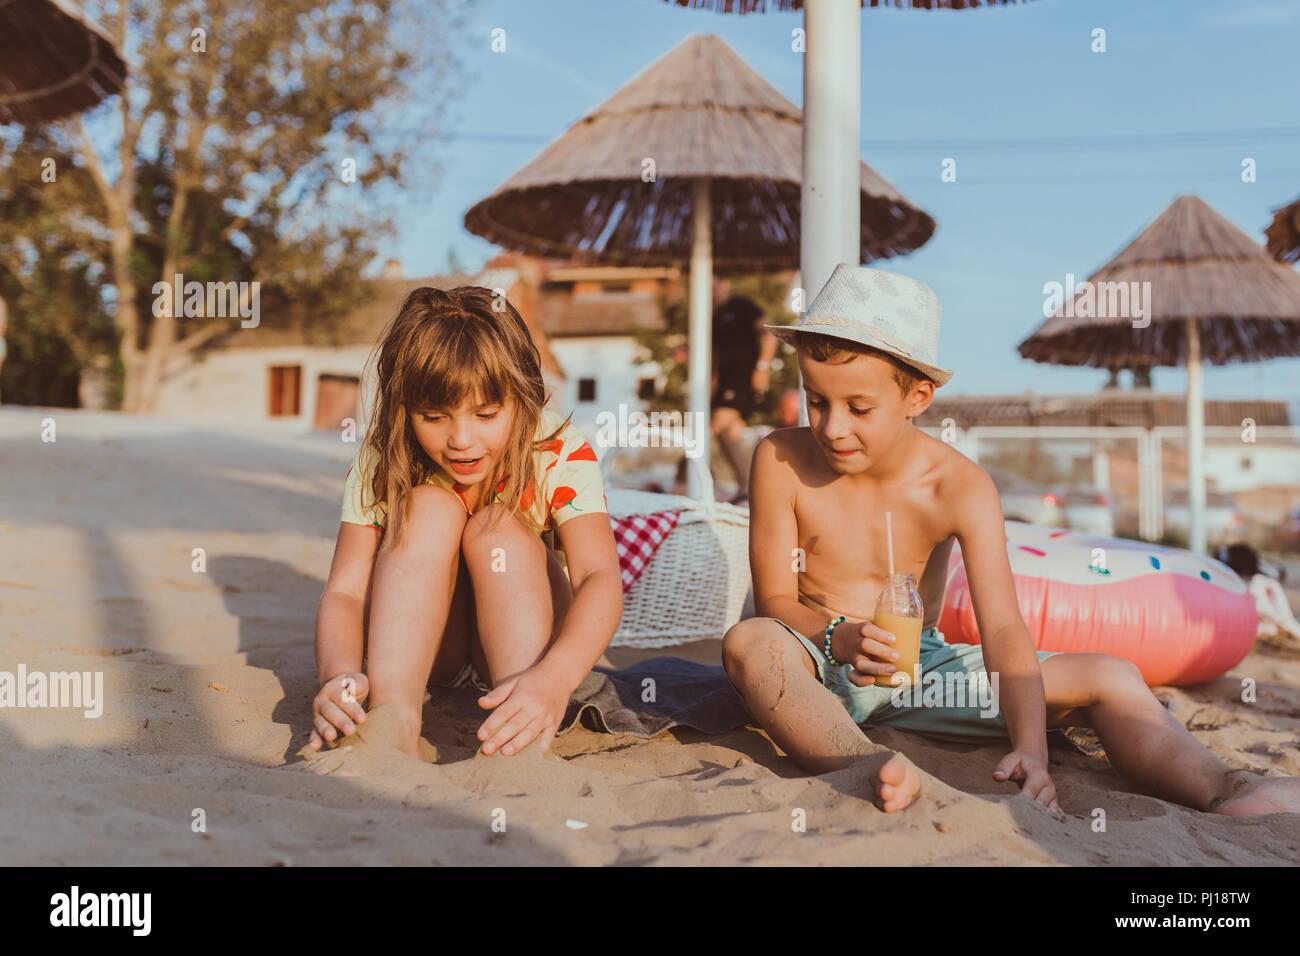 Heureux les enfants positifs assis sur une serviette sur la plage et à parler. Banque D'Images